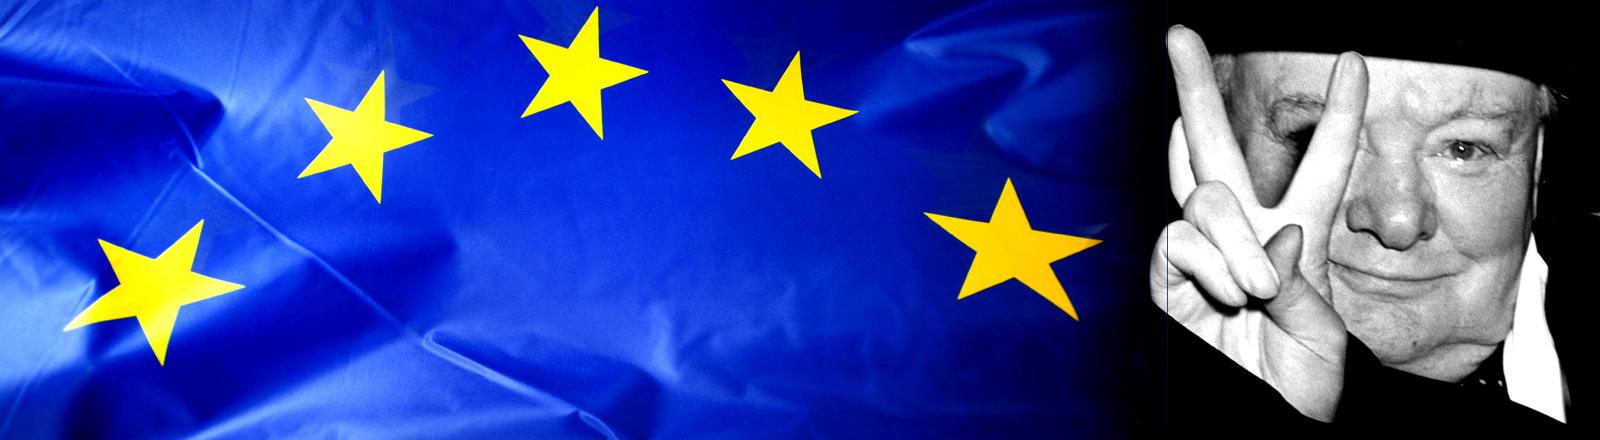 Collage: Europa-Flagge und Winston Churchill mit Peace-Zeichen